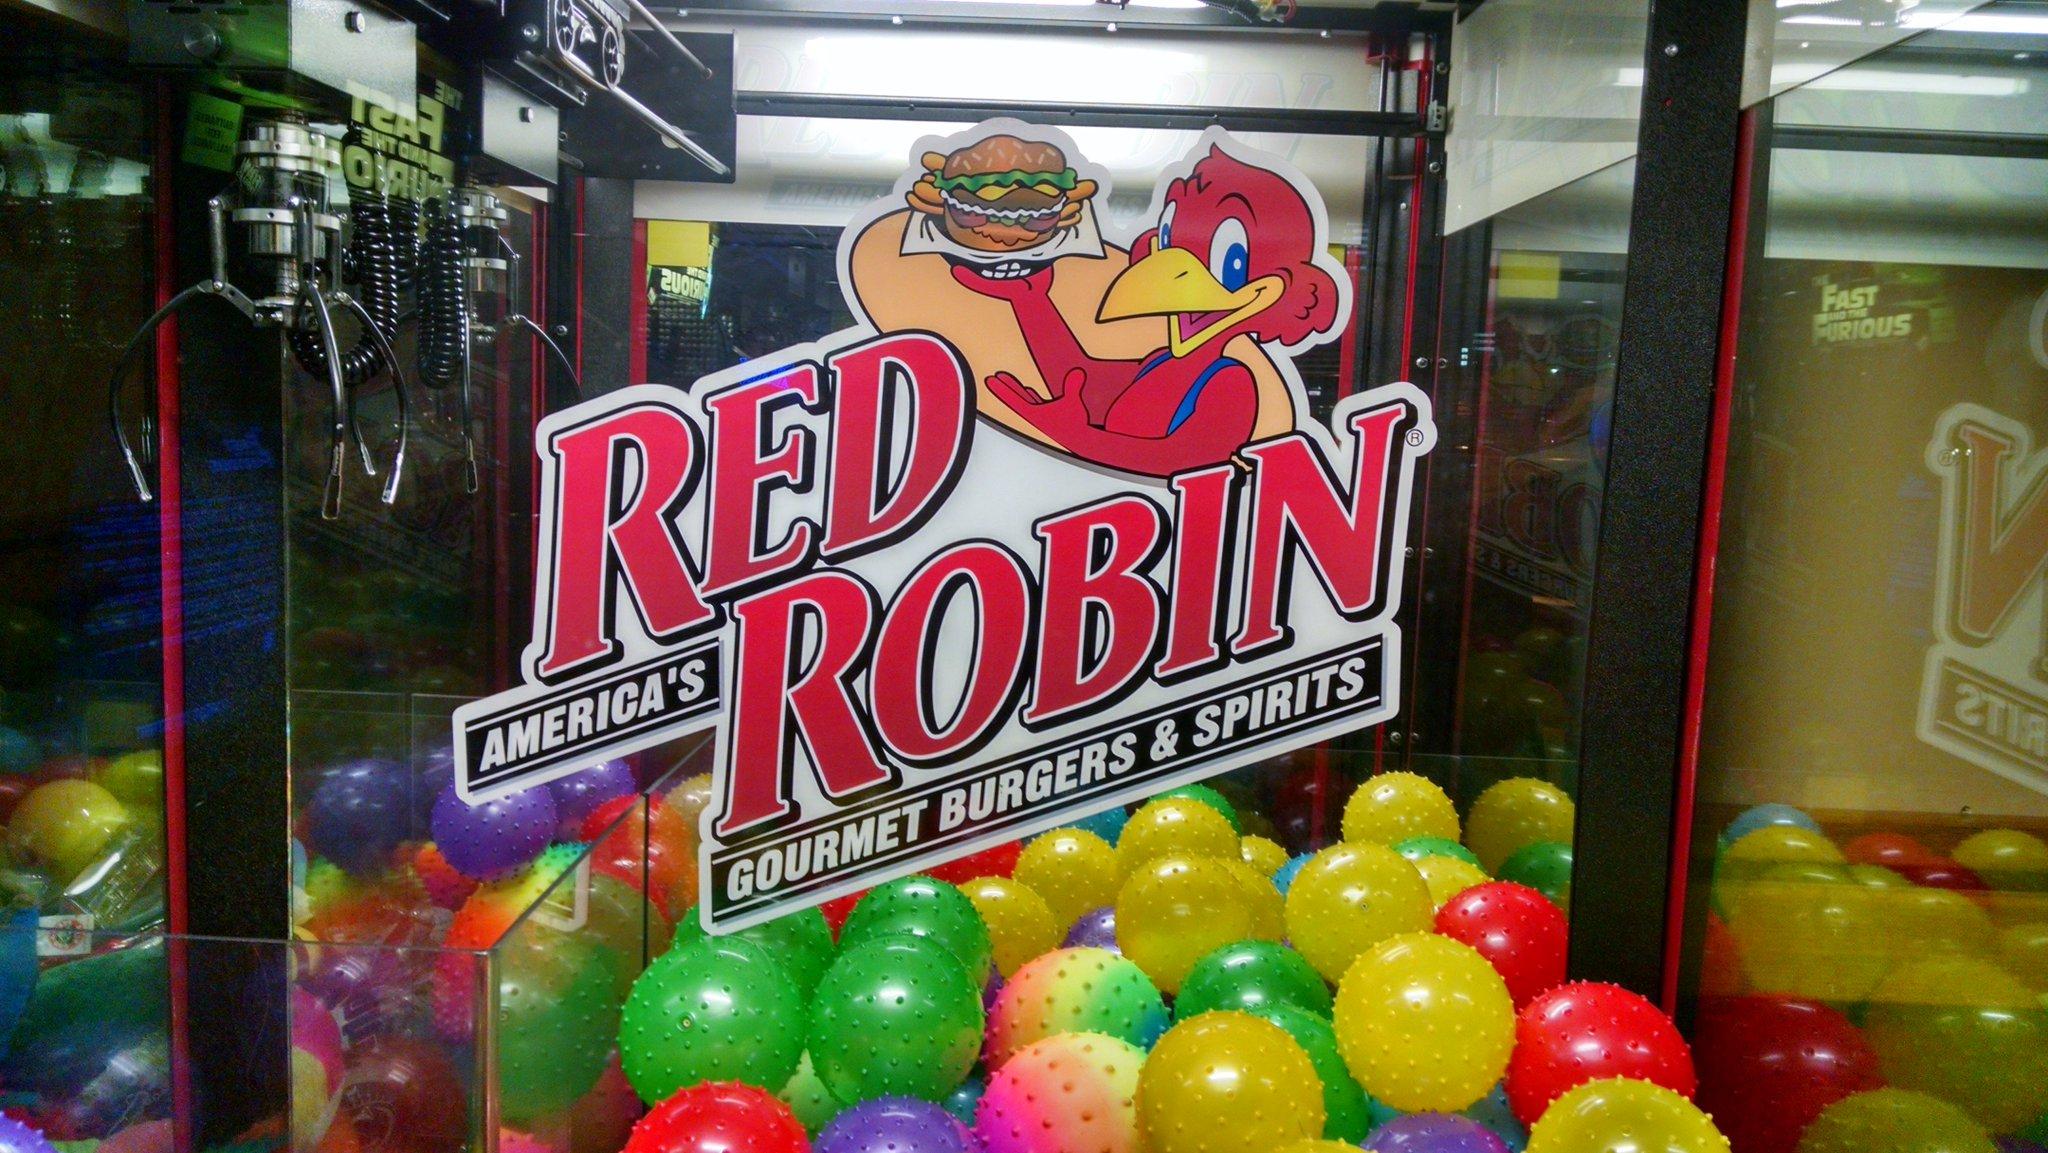 Red Robin Yummmm!!! #RedRobin #burgers #BobsBurgers https://t.co/BlMfEhDqck